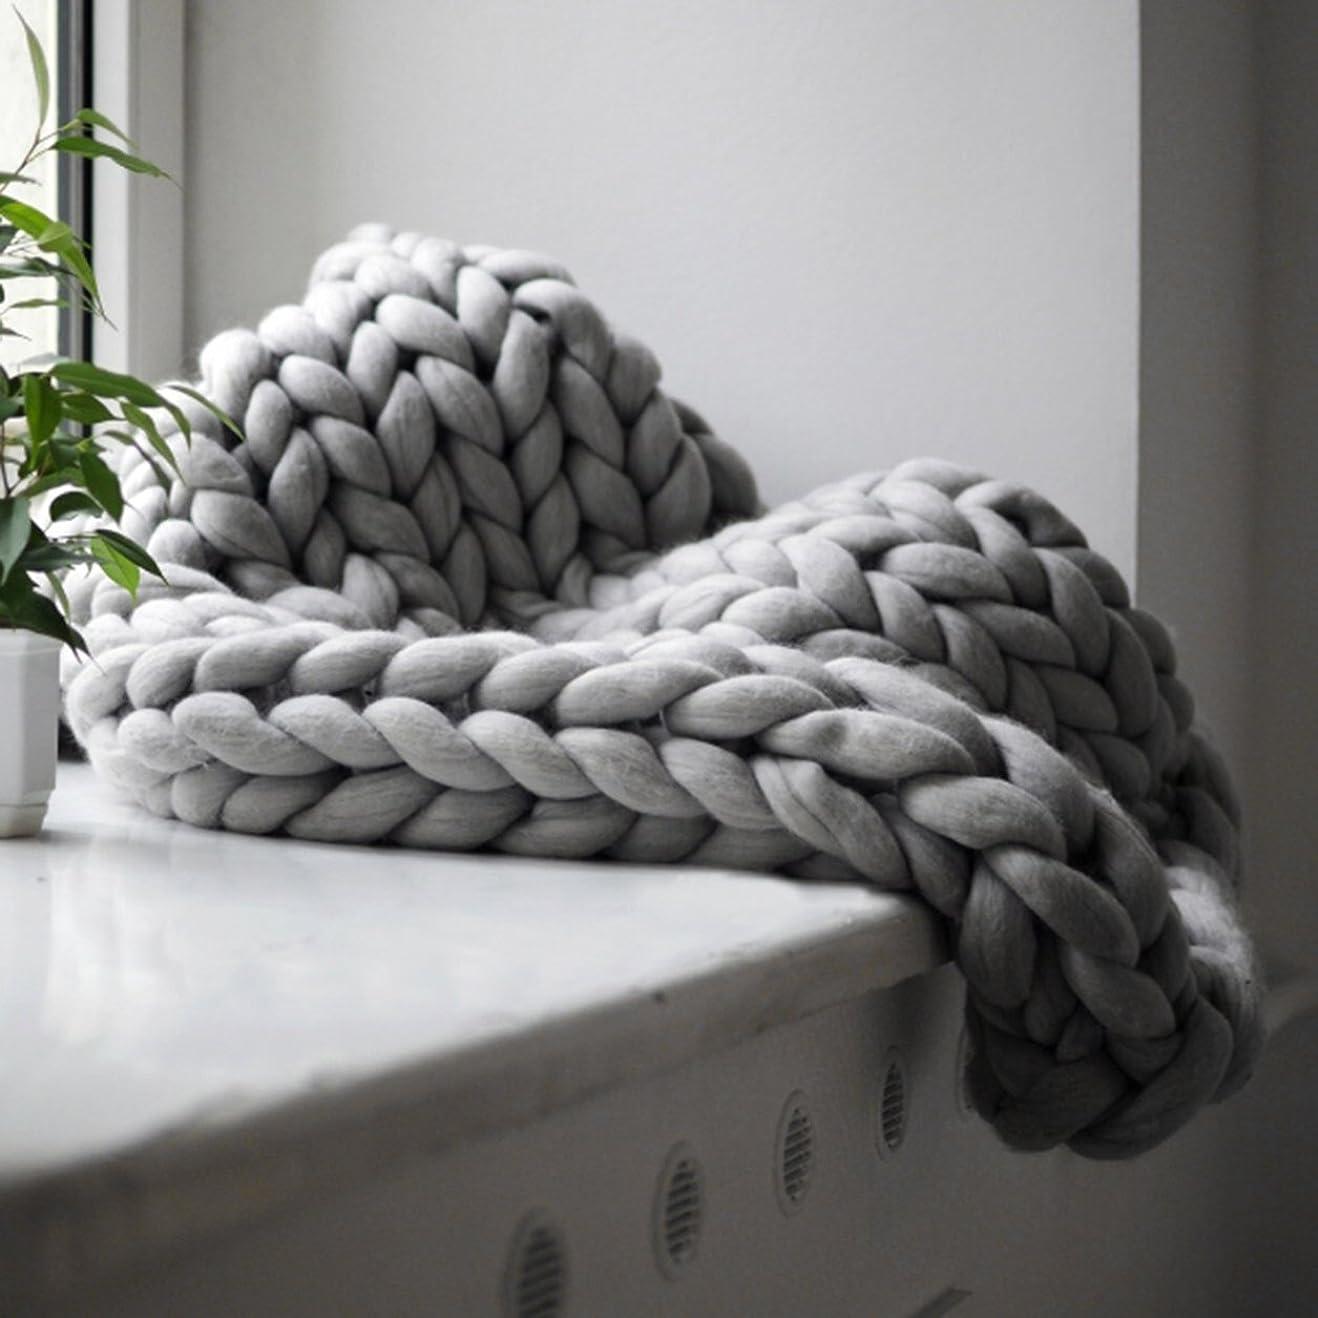 計算ハードリングラボSaikogoods 快適な暖かいソフト太いラインジャイアント糸ニットブランケット手作りマニュアルウィービング写真小道具毛布をキープ グレー 100×120cm